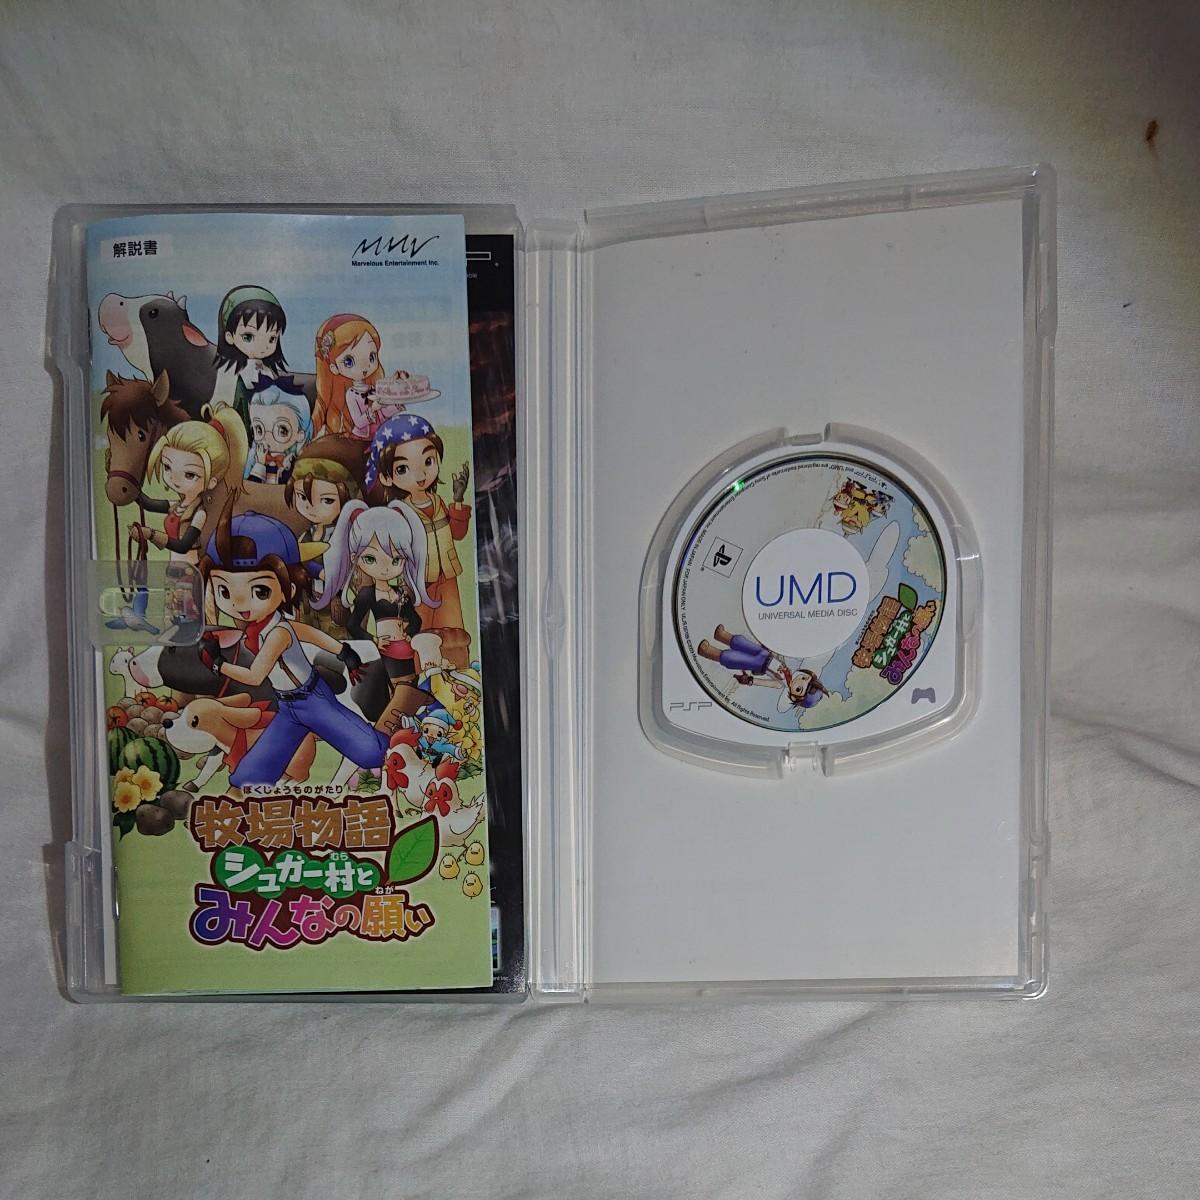 PSP 牧場物語 シュガー村とみんなの願い 動作確認済み PSP